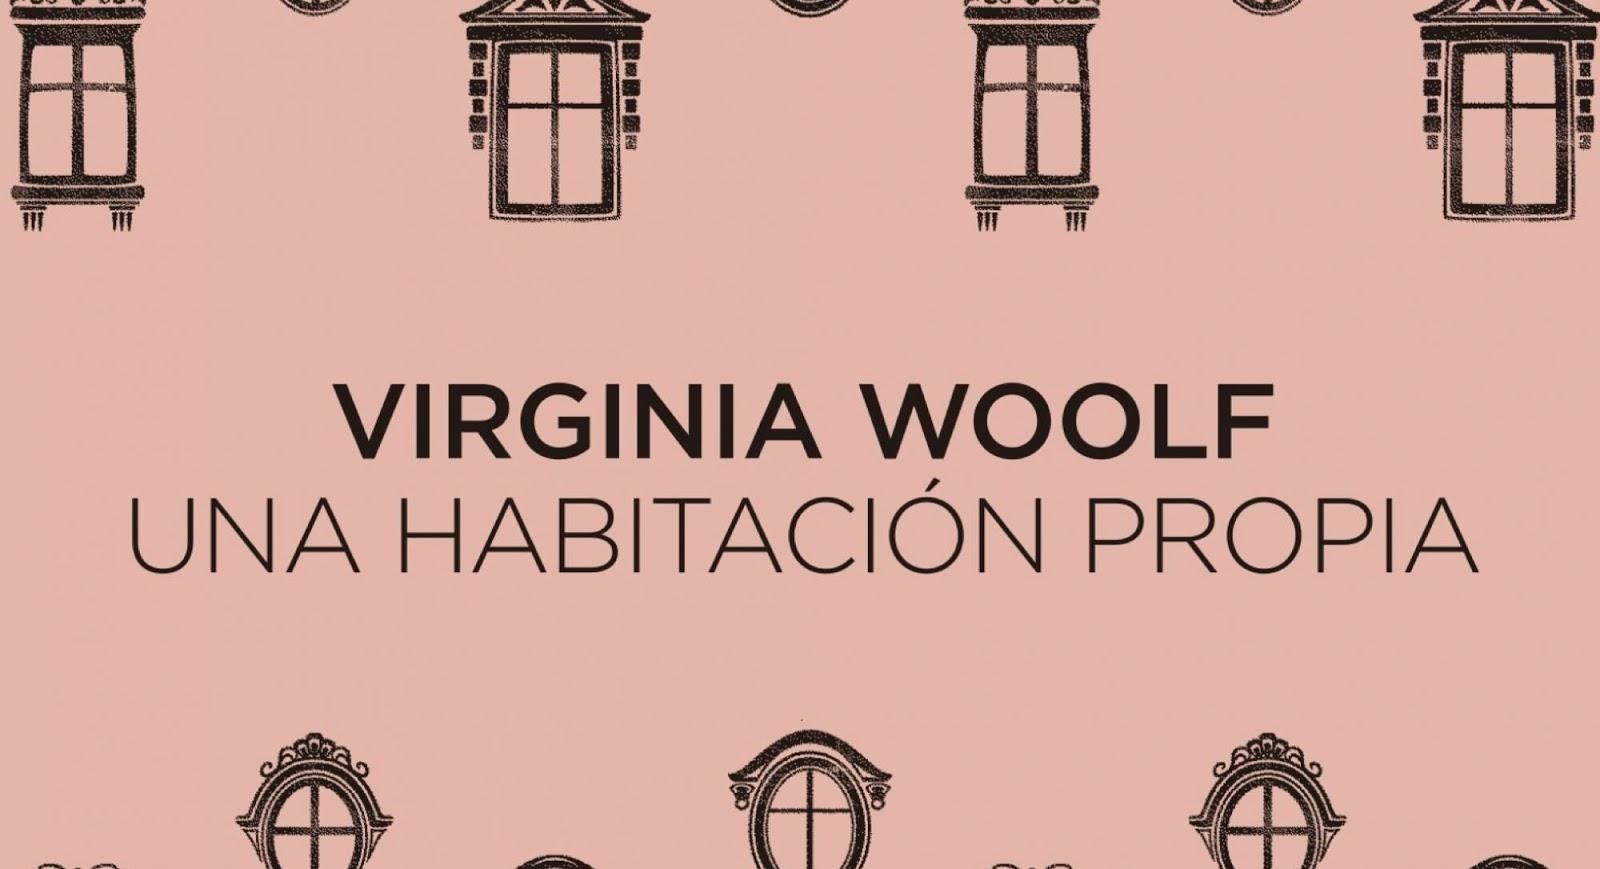 Una habitación propia de Virginia Woolf: la mujer y la novela - El ...